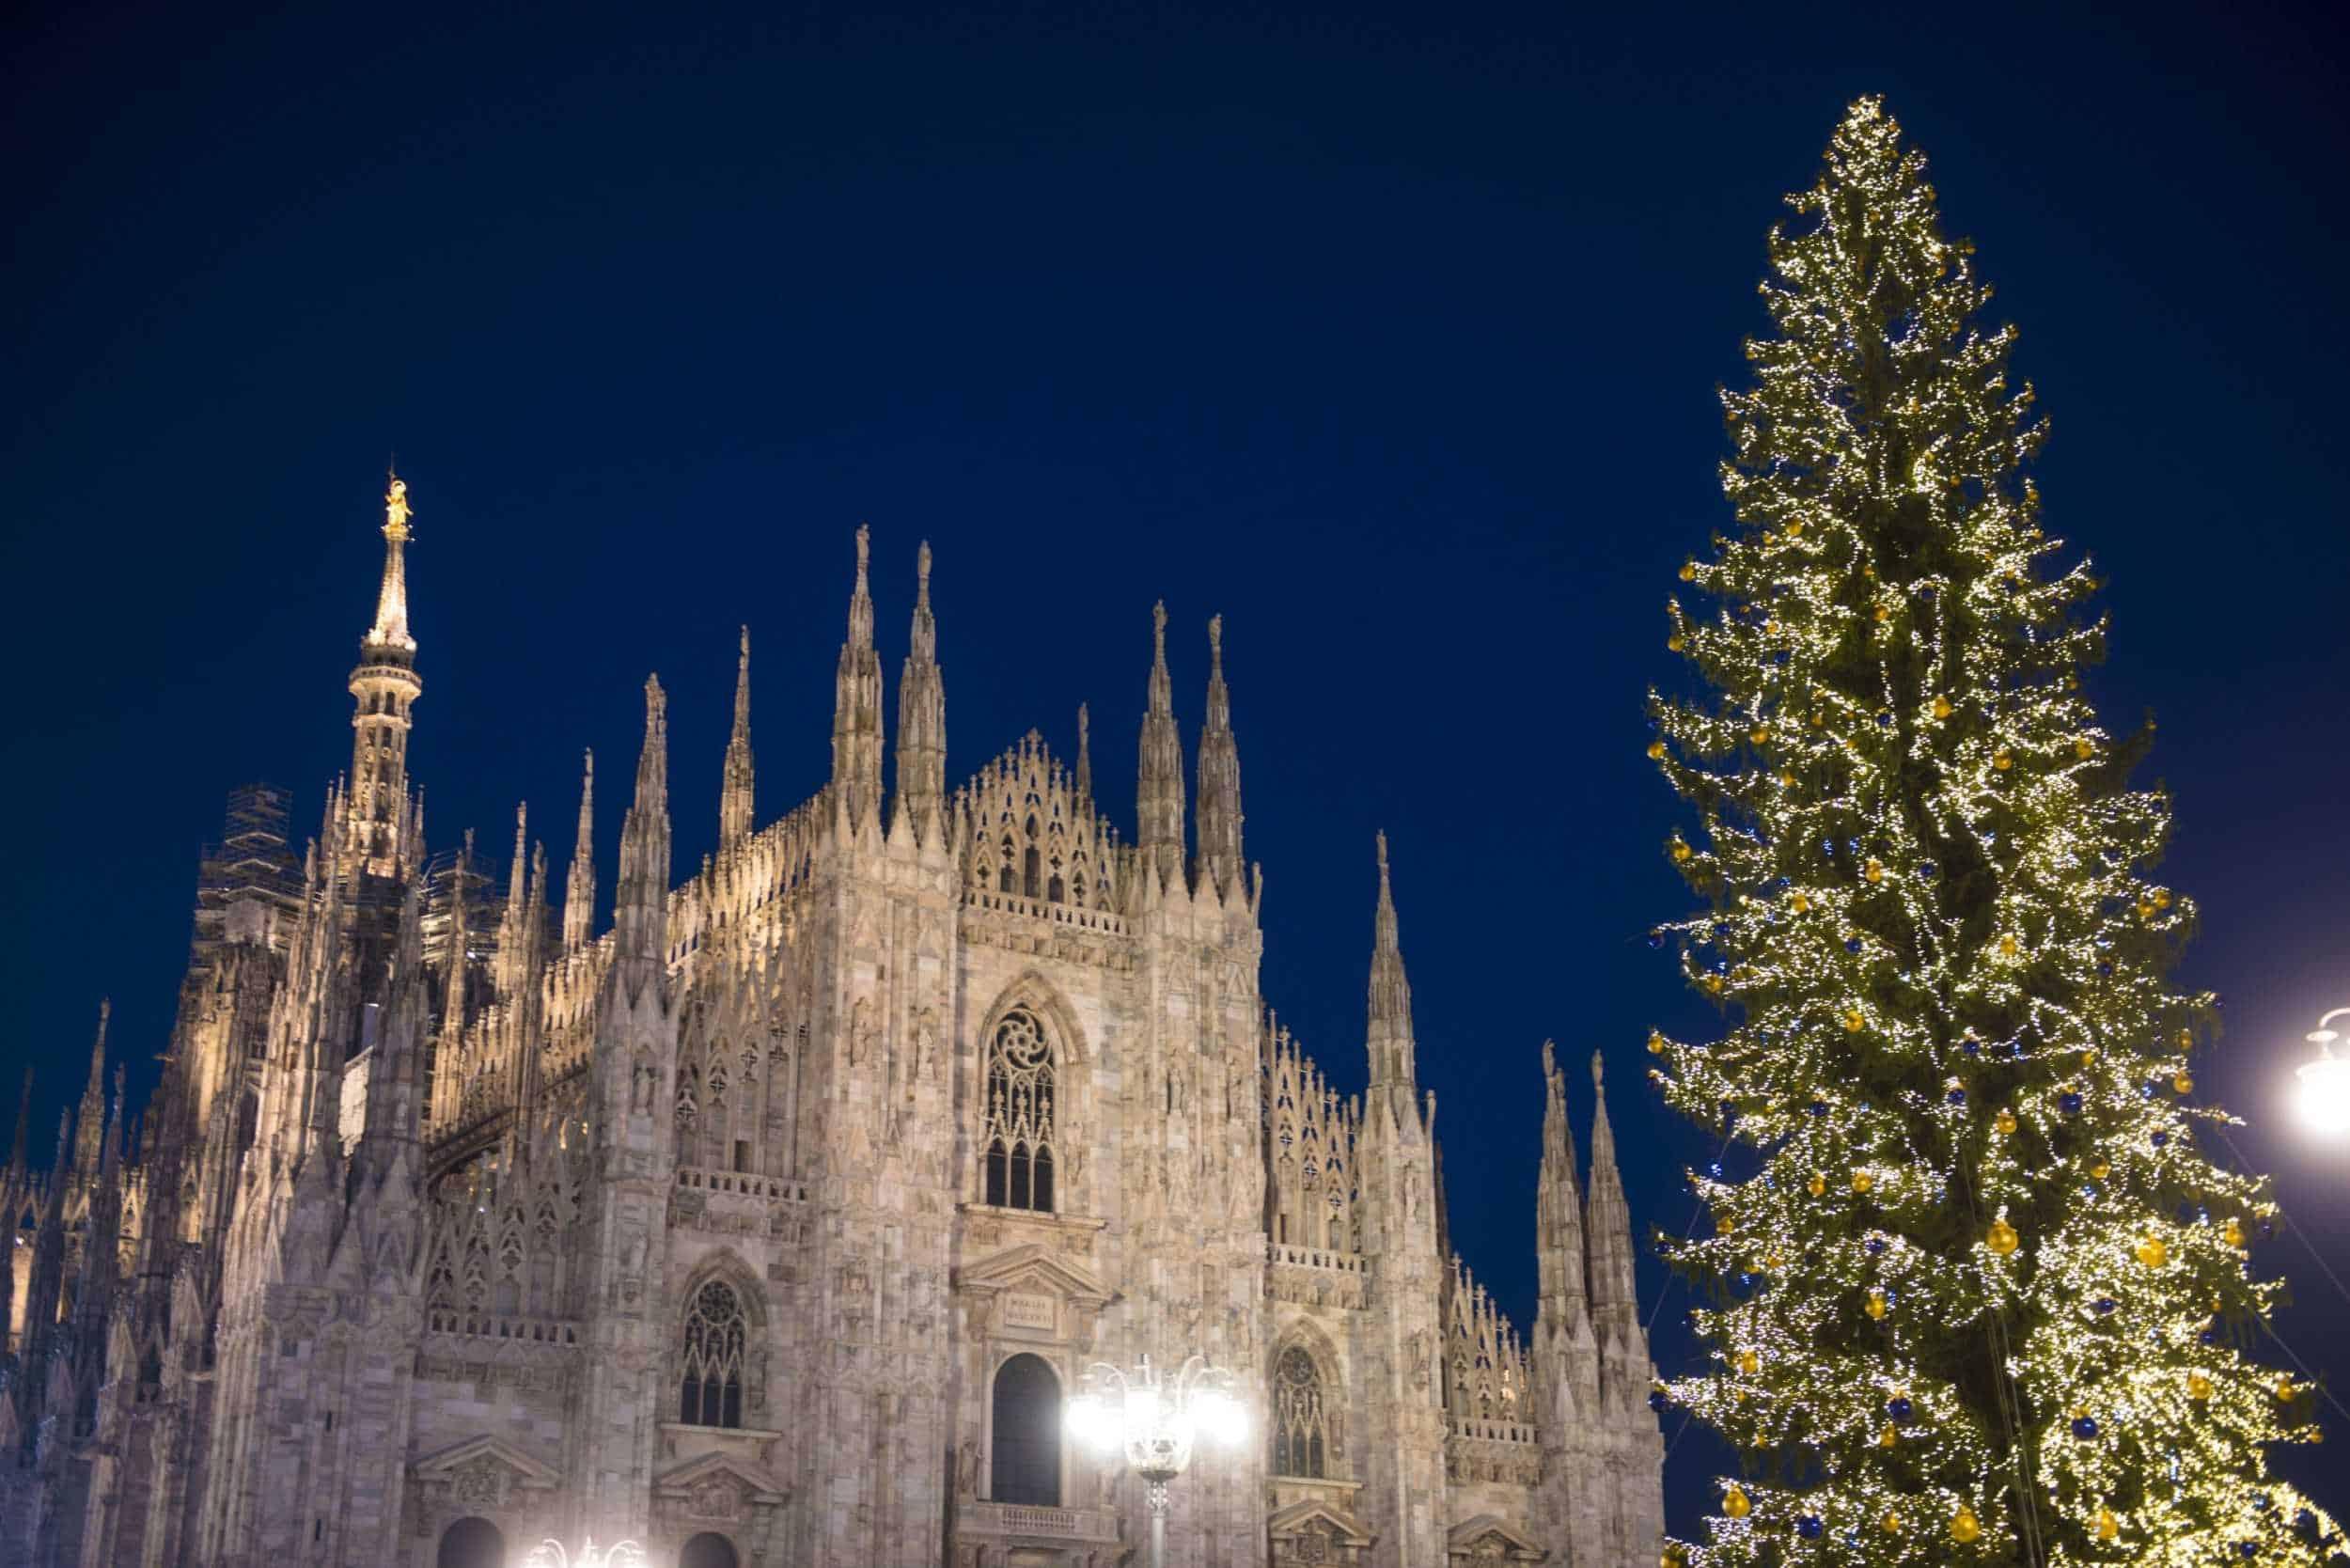 Immagini Milano Natale.Natale A Milano Piste Di Pattinaggio Alberi Di Natale E